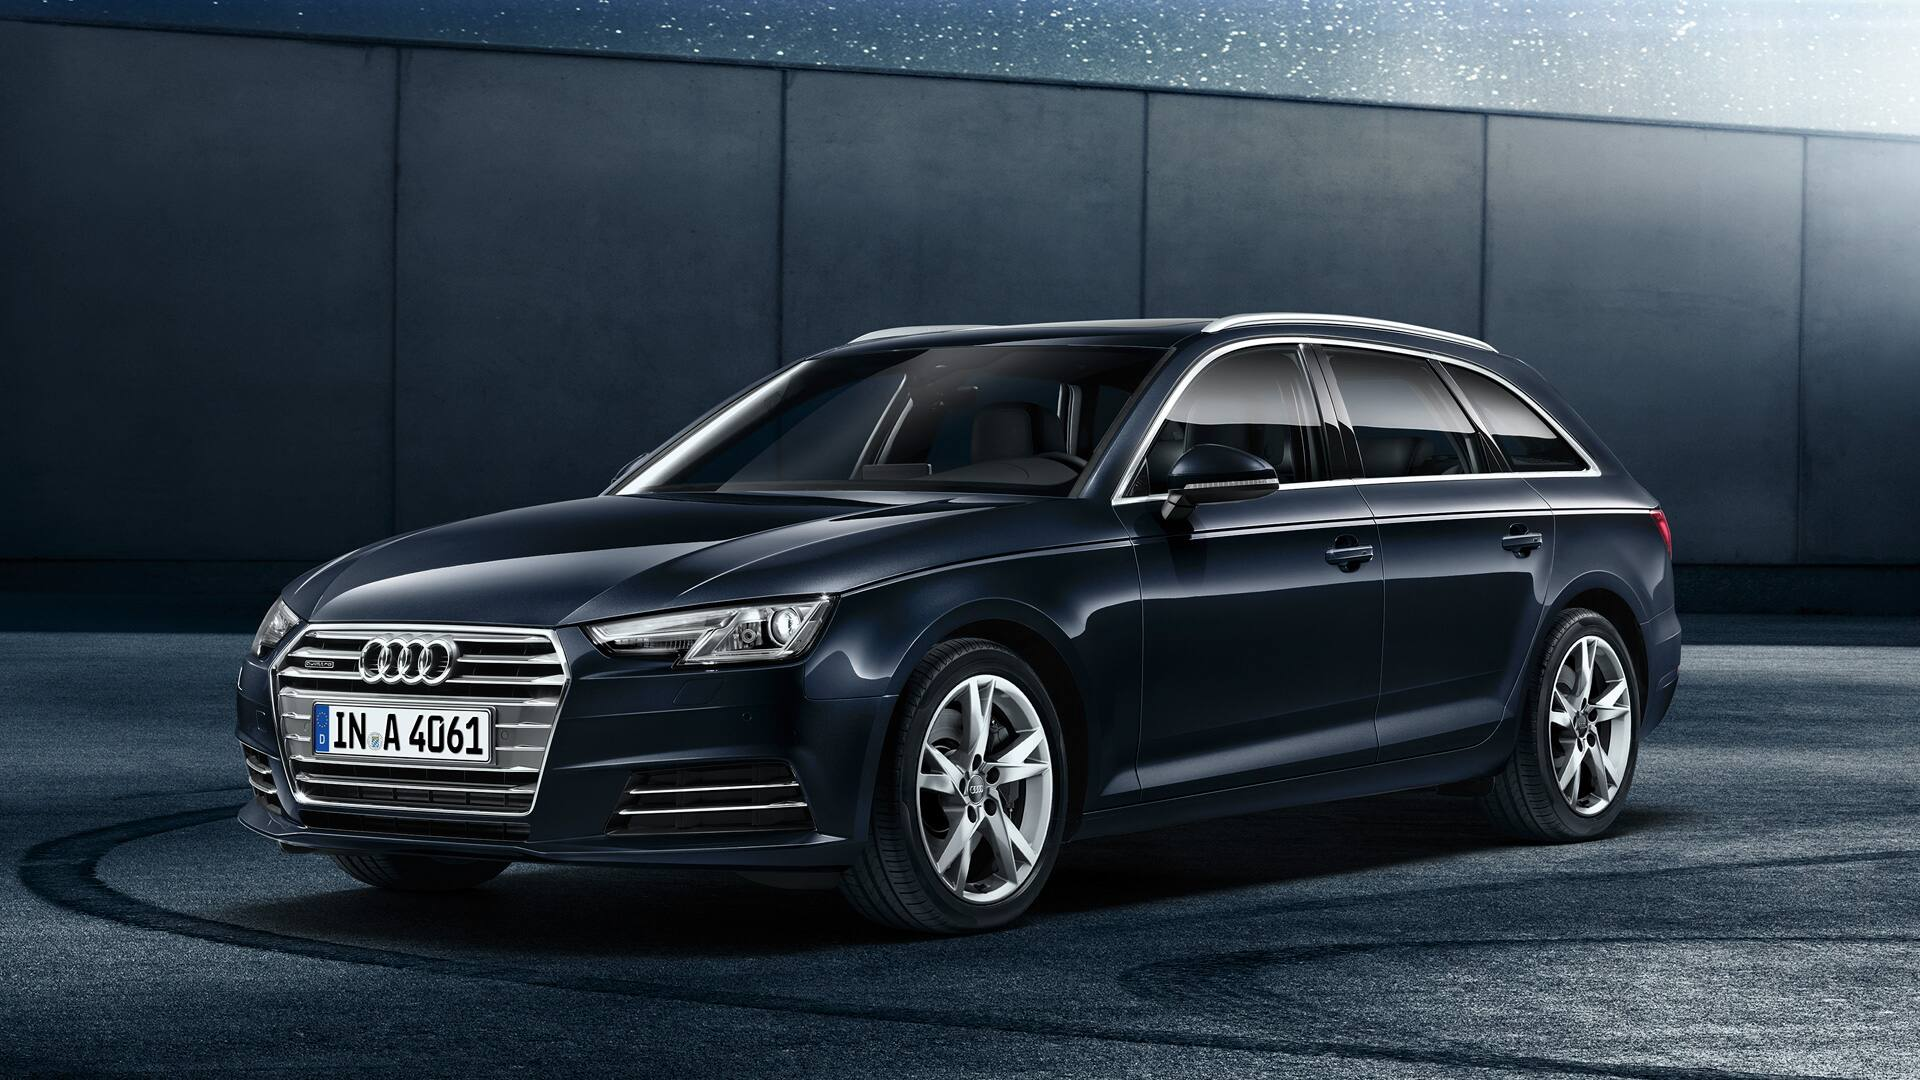 A4 Avant Gt A4 Gt Audi Deutschland